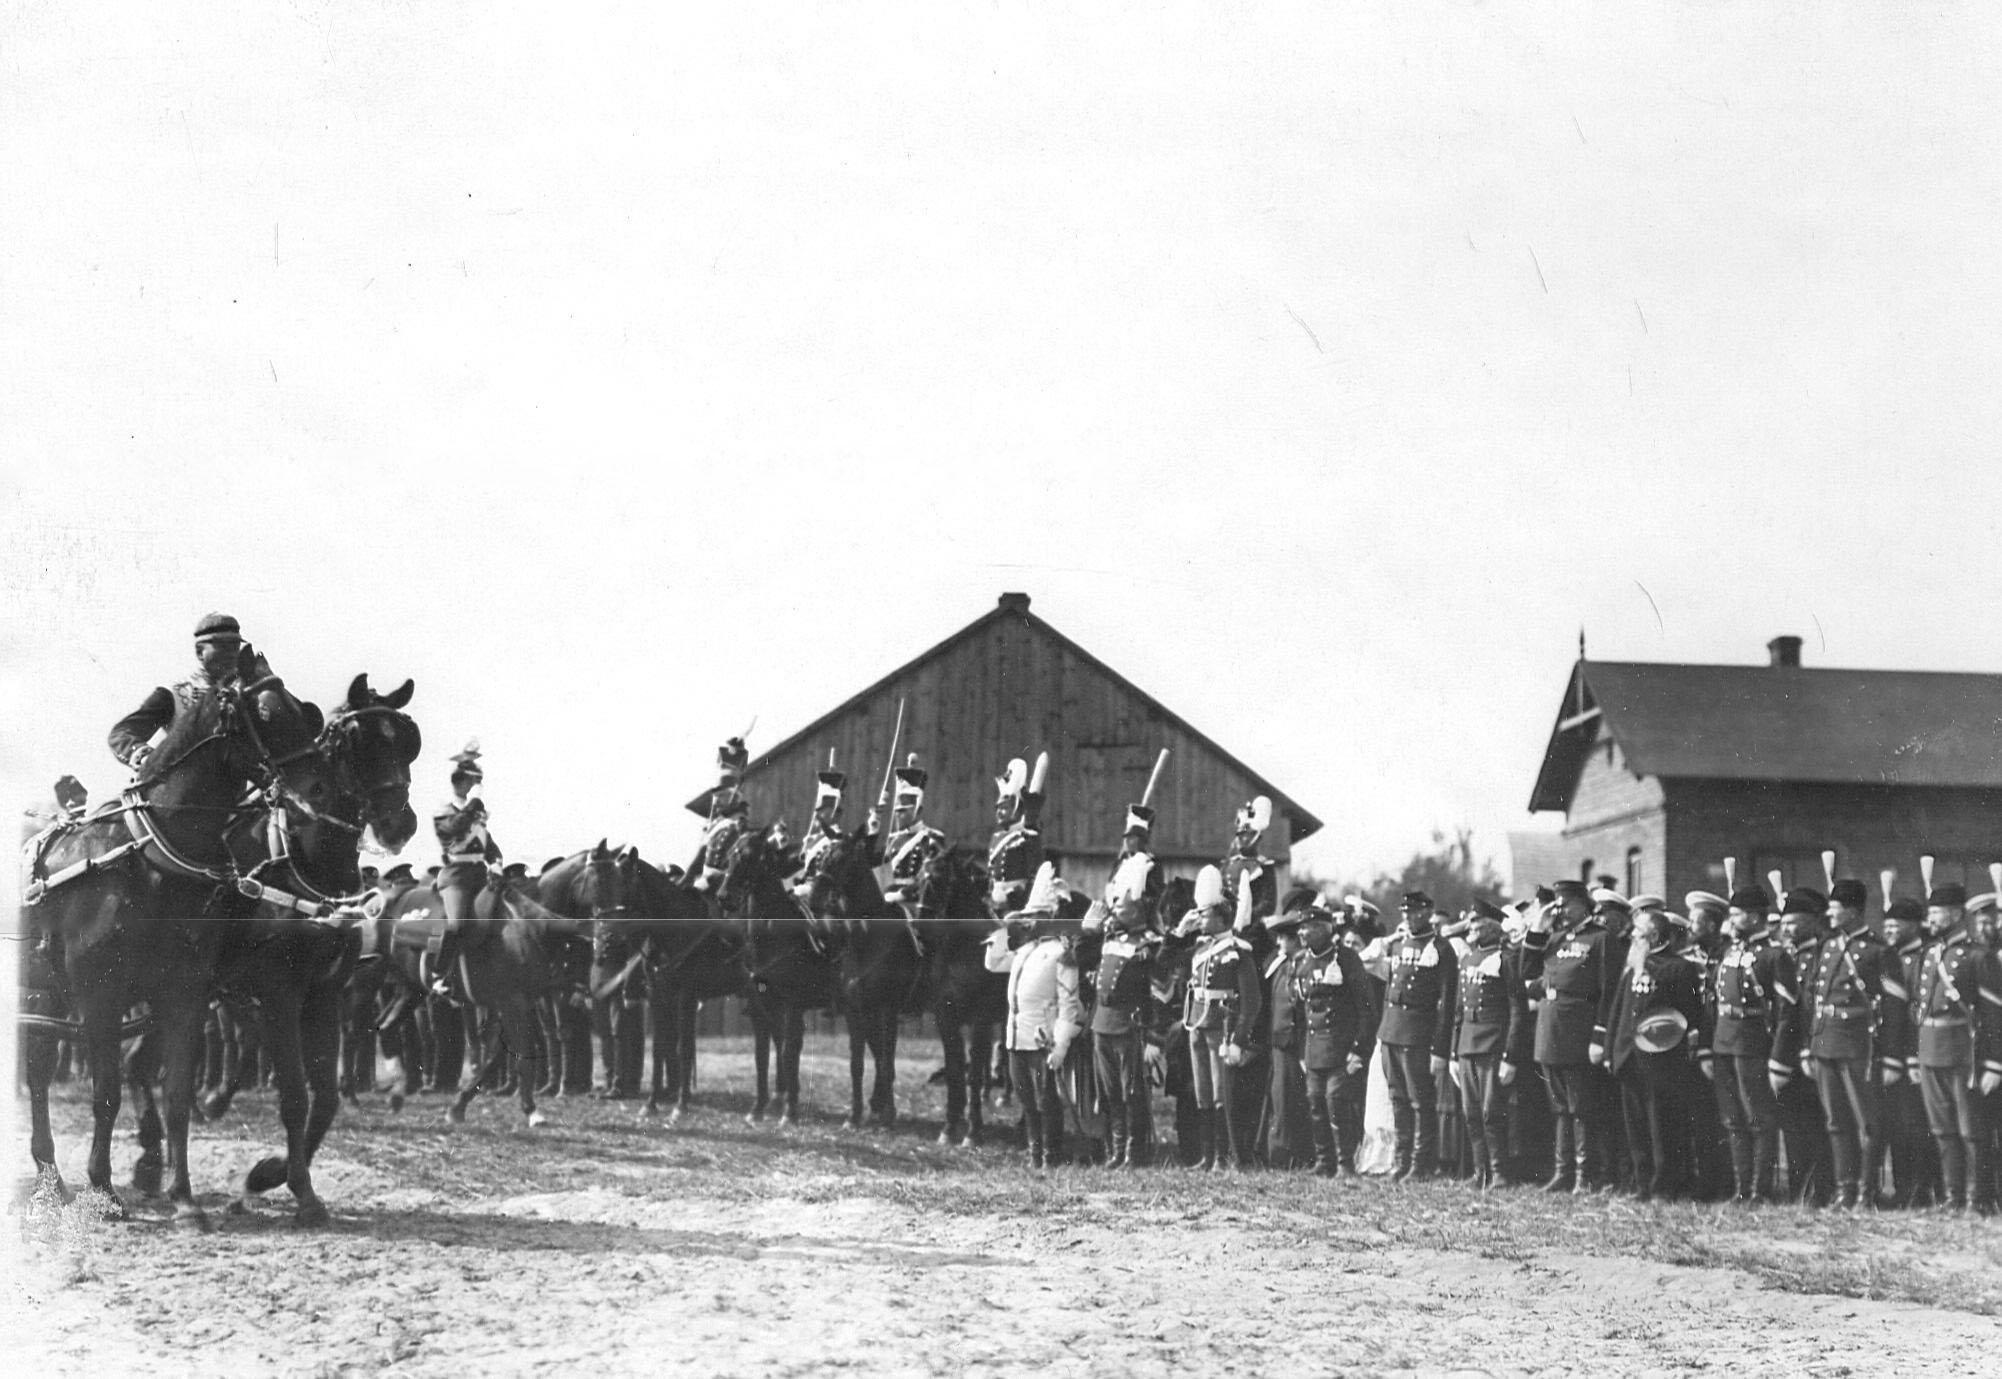 Император Николай II  объезжает полк во время парада в день празднования 250-летнего юбилея полка